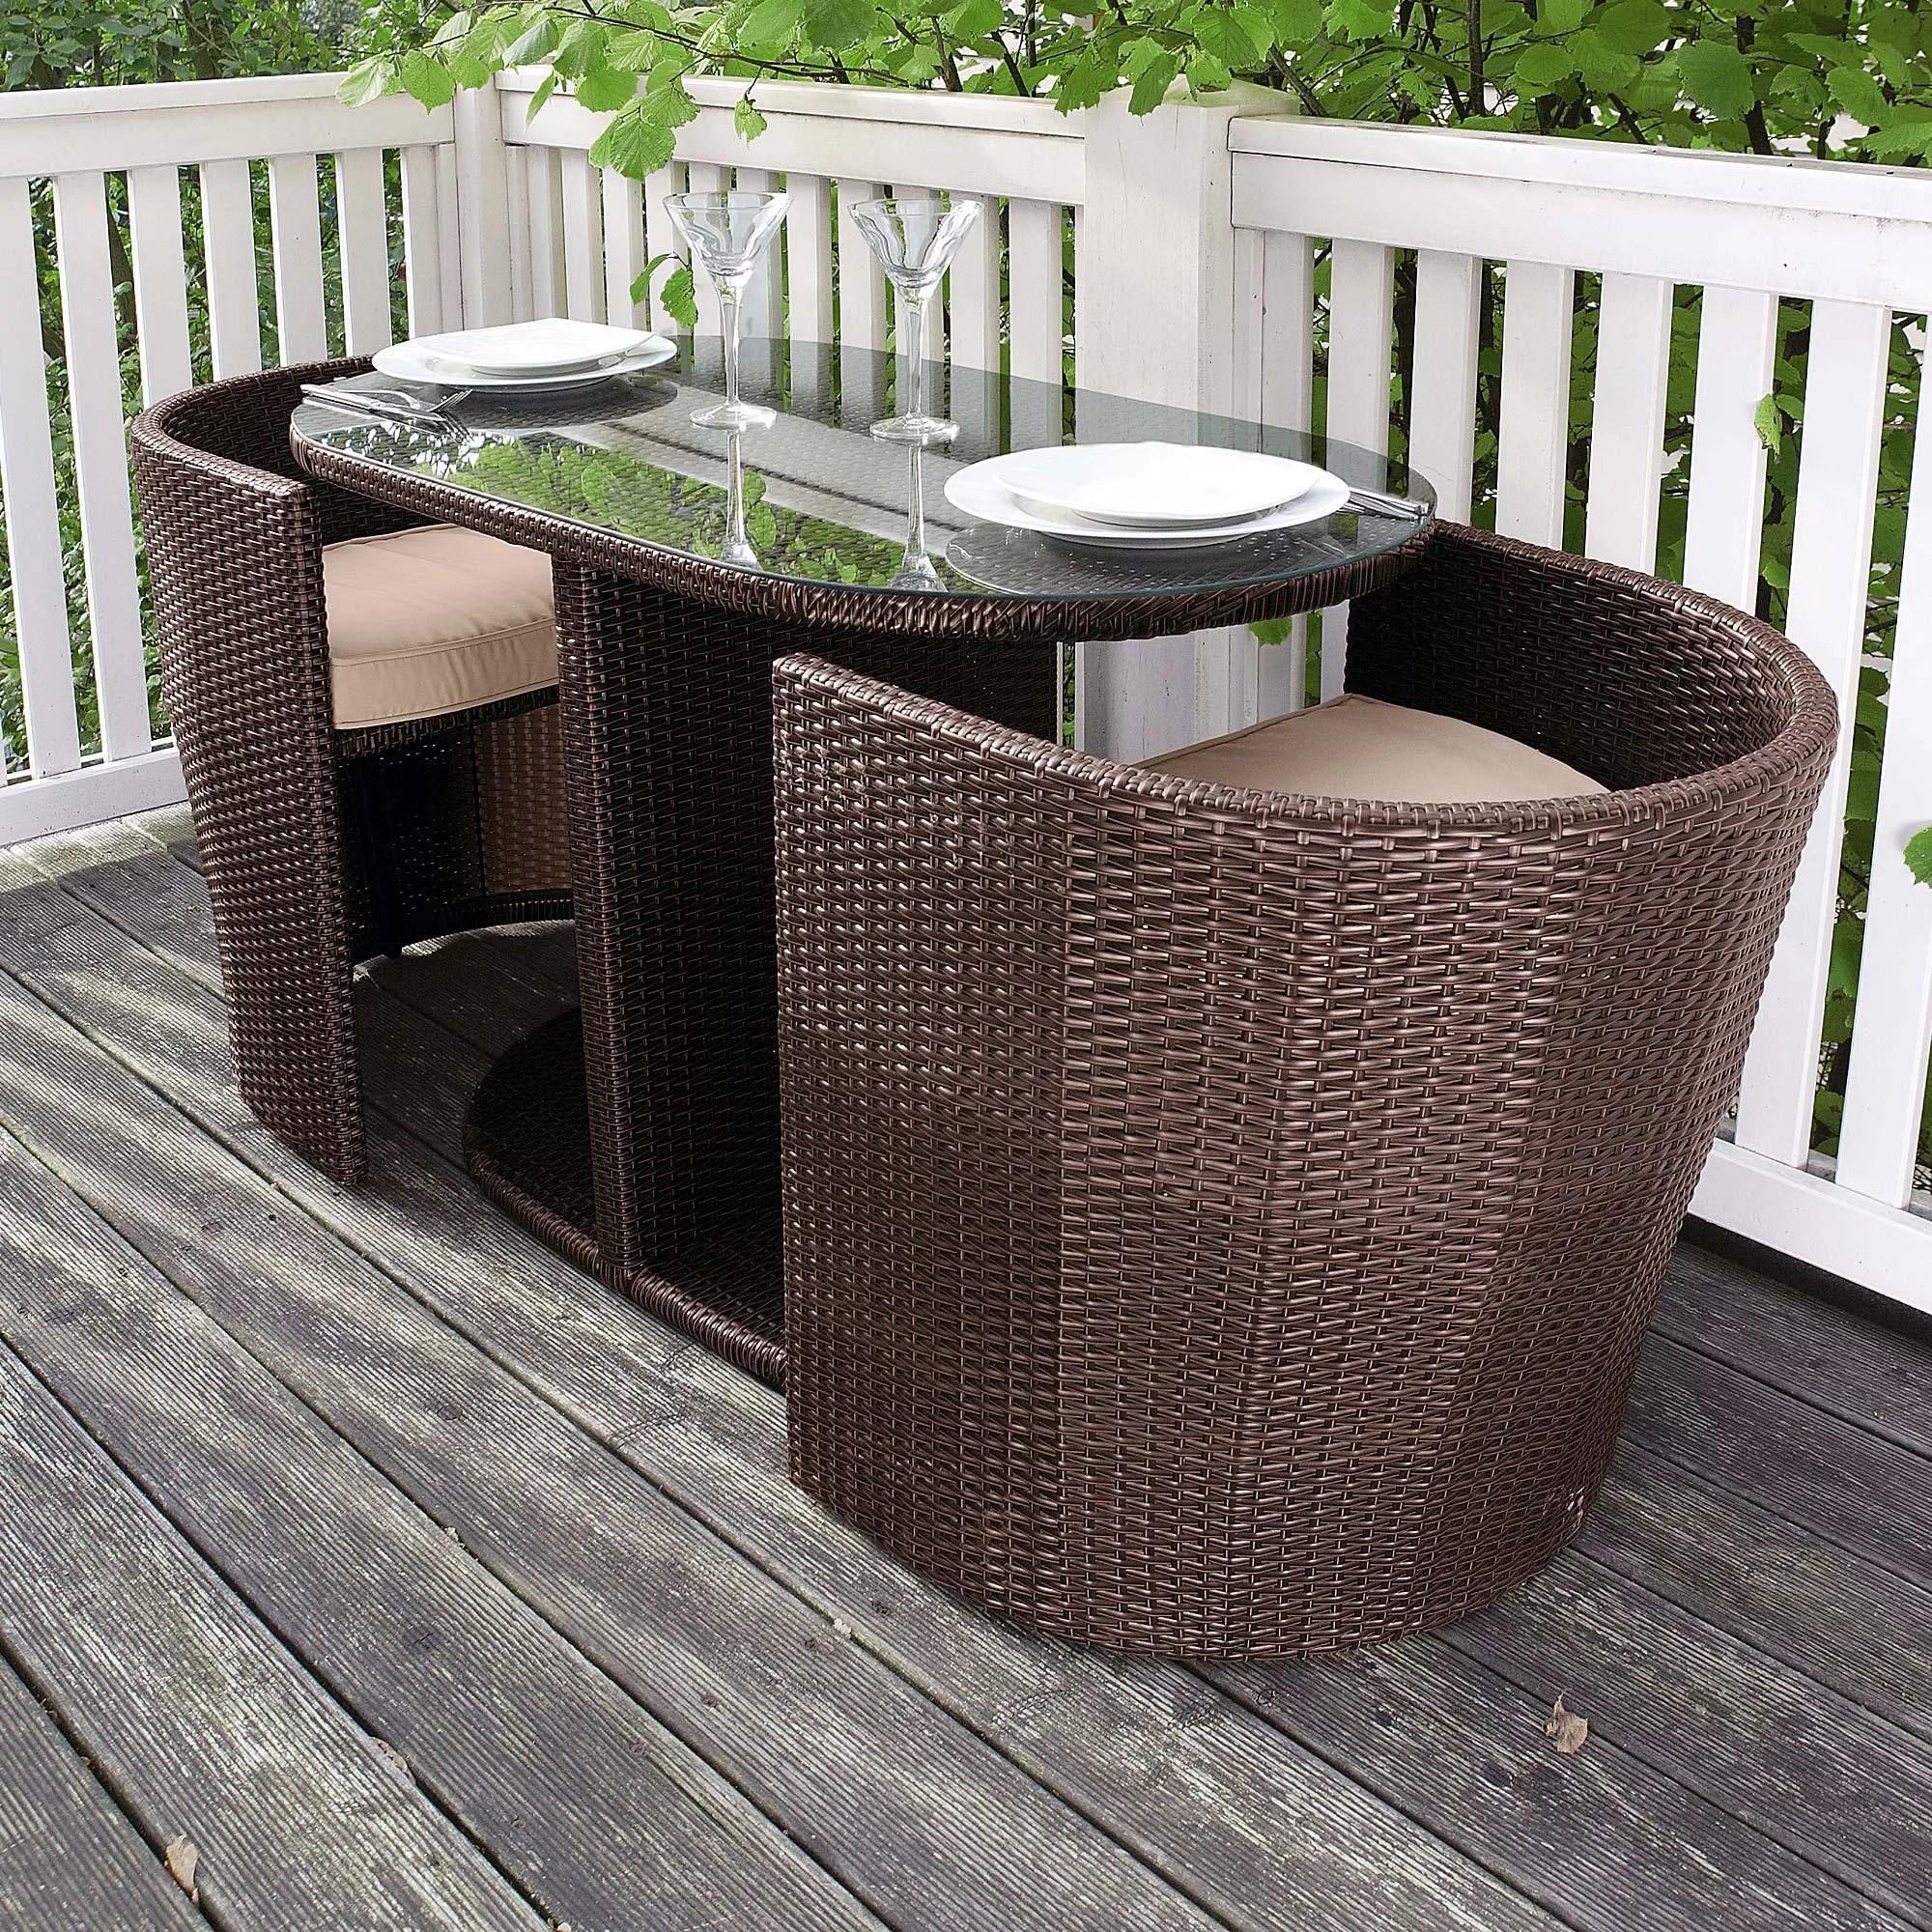 Balkonmobel Platzsparend Bildquelle Paul Prescott Shutterstock